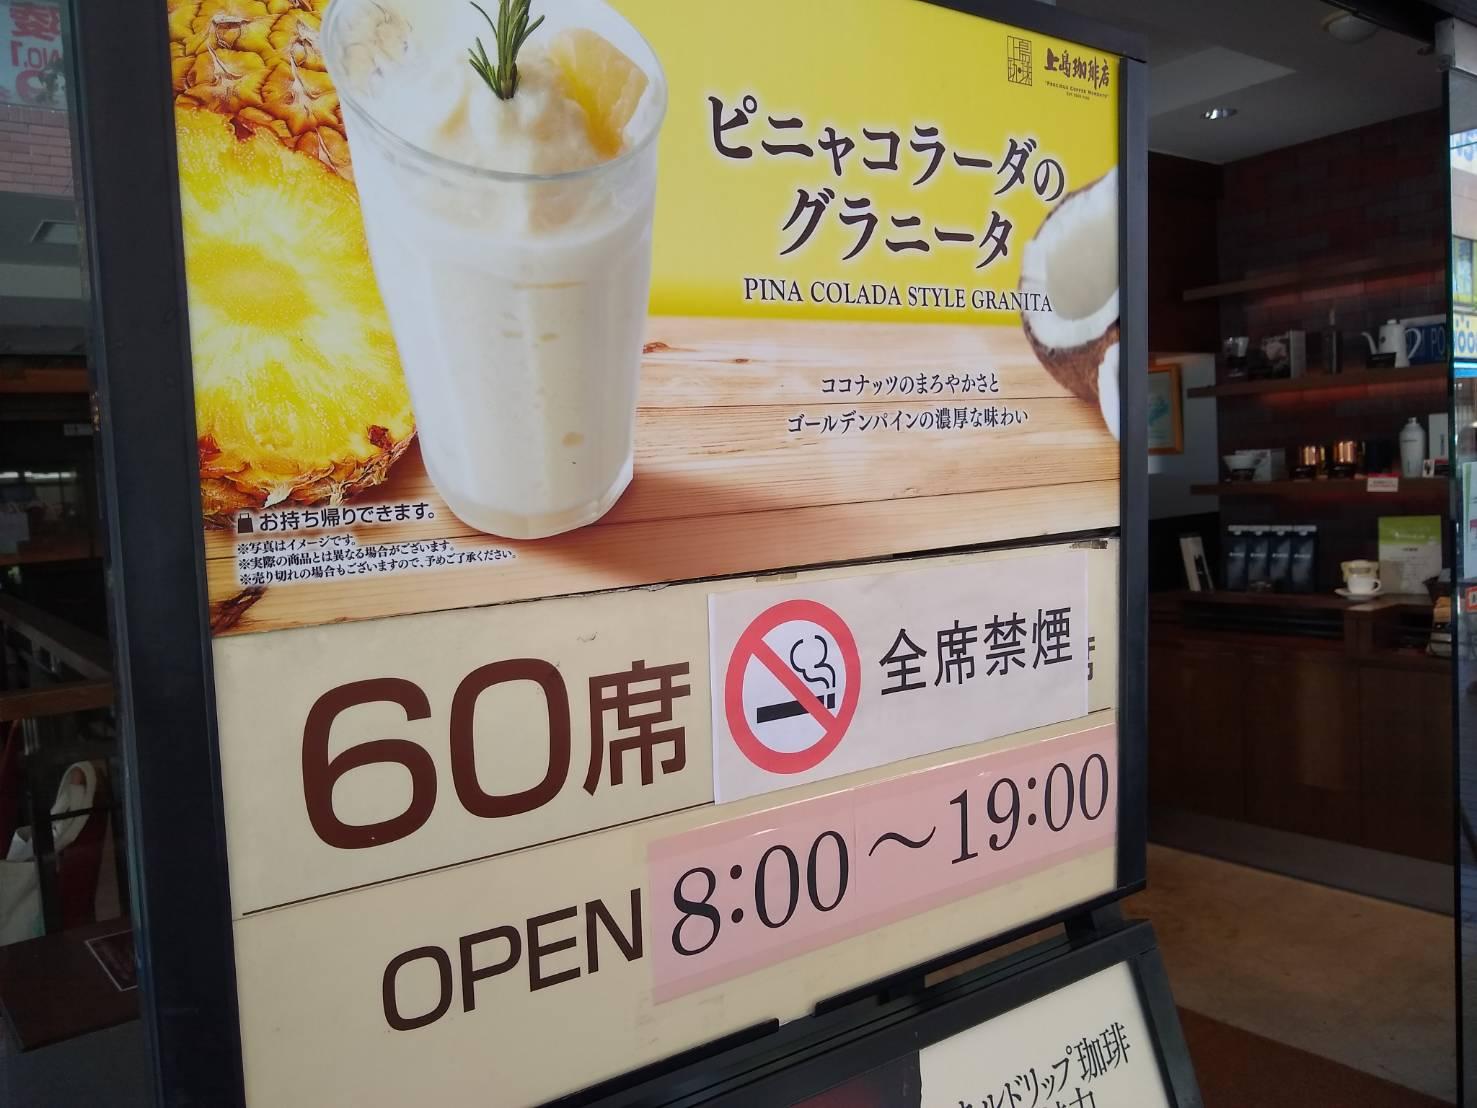 上島珈琲店綱島店6月の営業時間